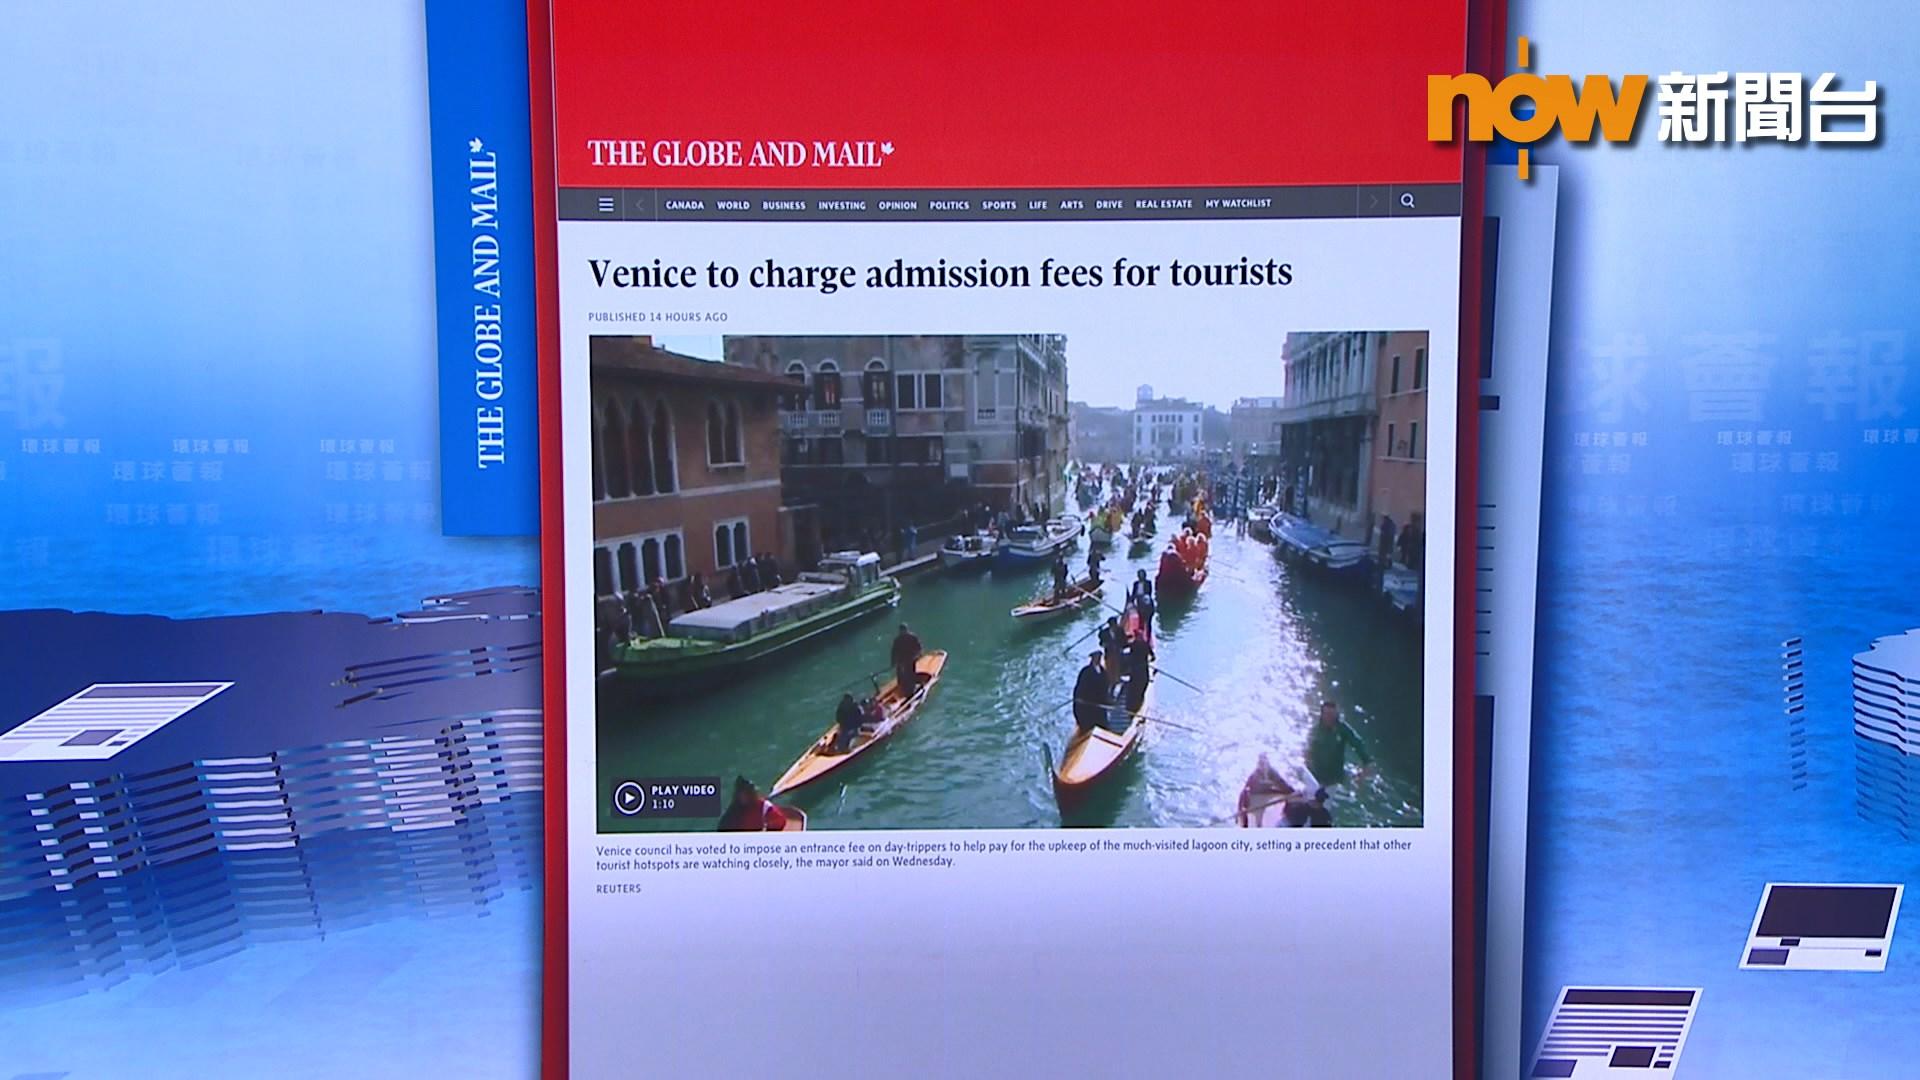 【環球薈報】威尼斯將向一日遊觀光客徵入城稅